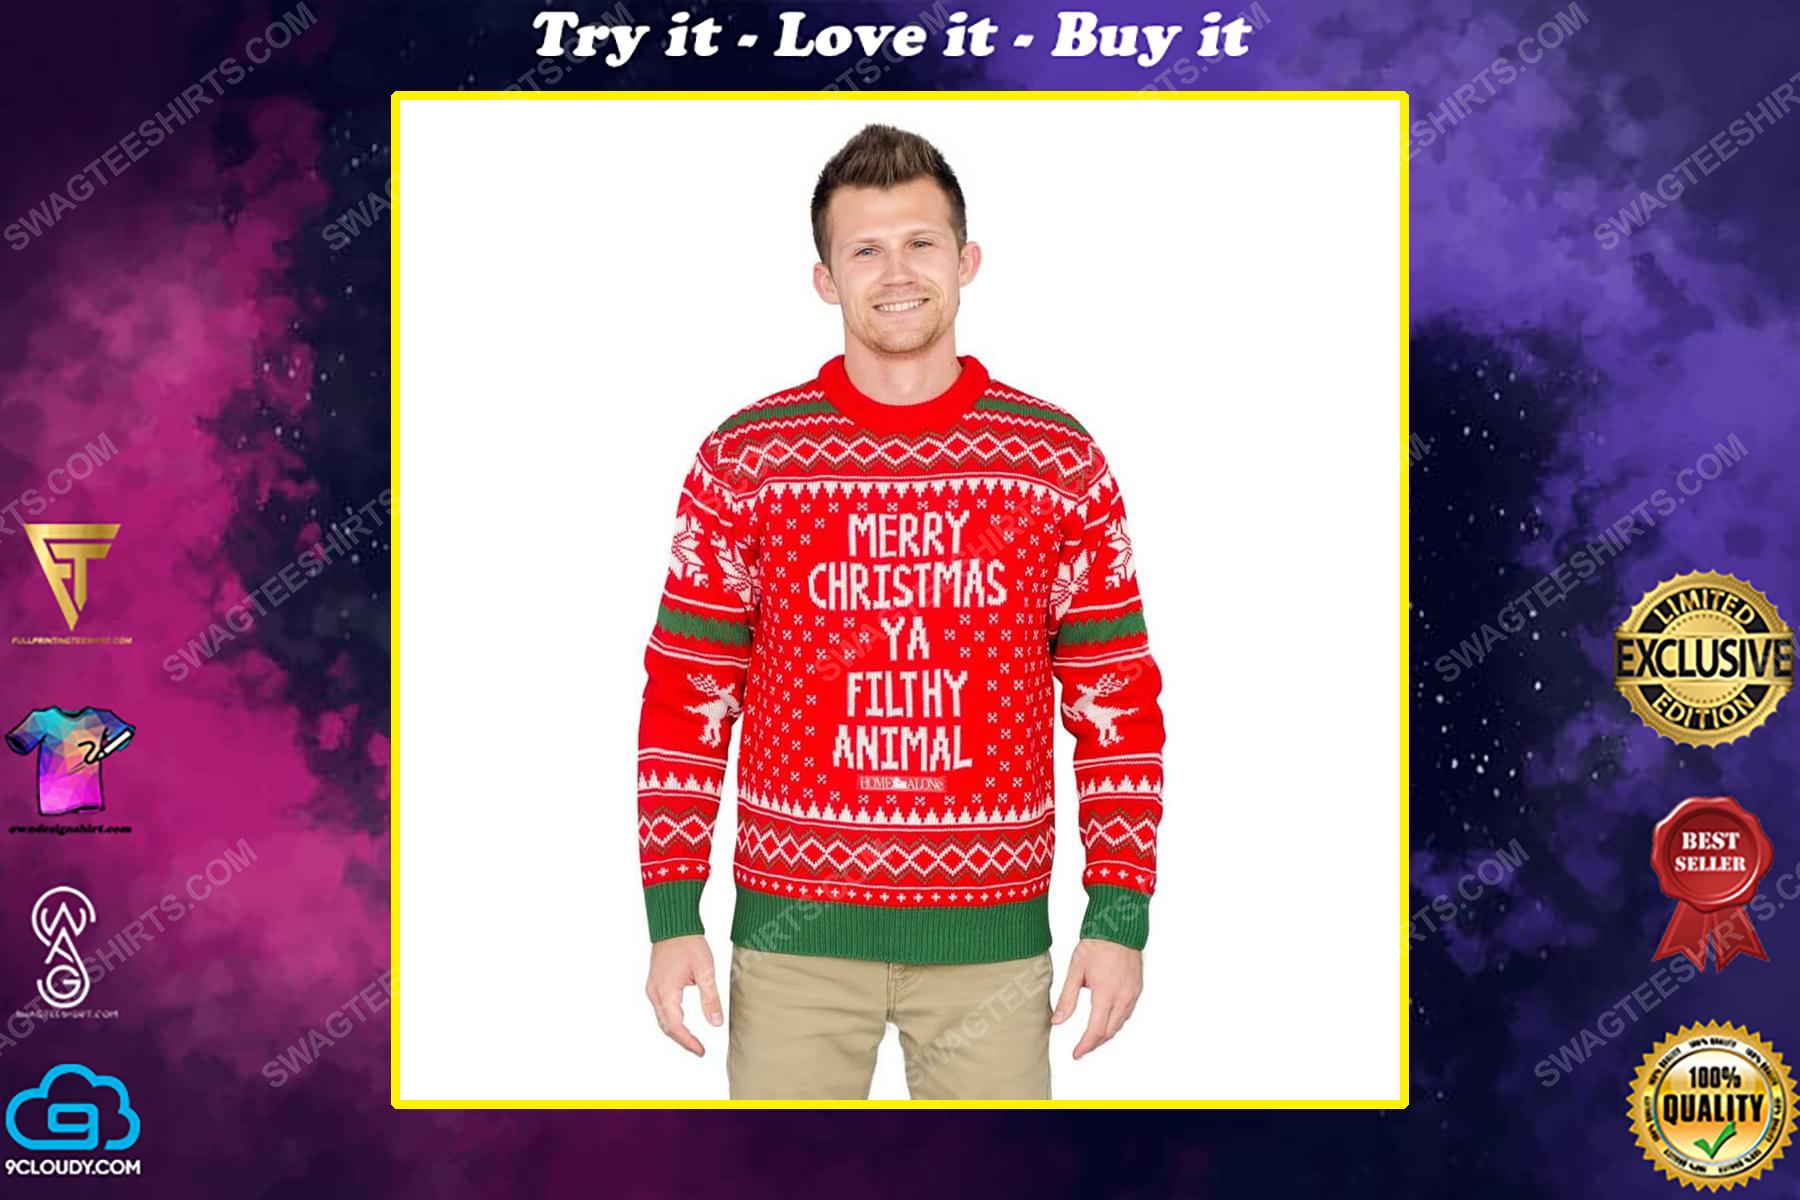 Dr seuss merry christmas ya filthy animal ugly christmas sweater